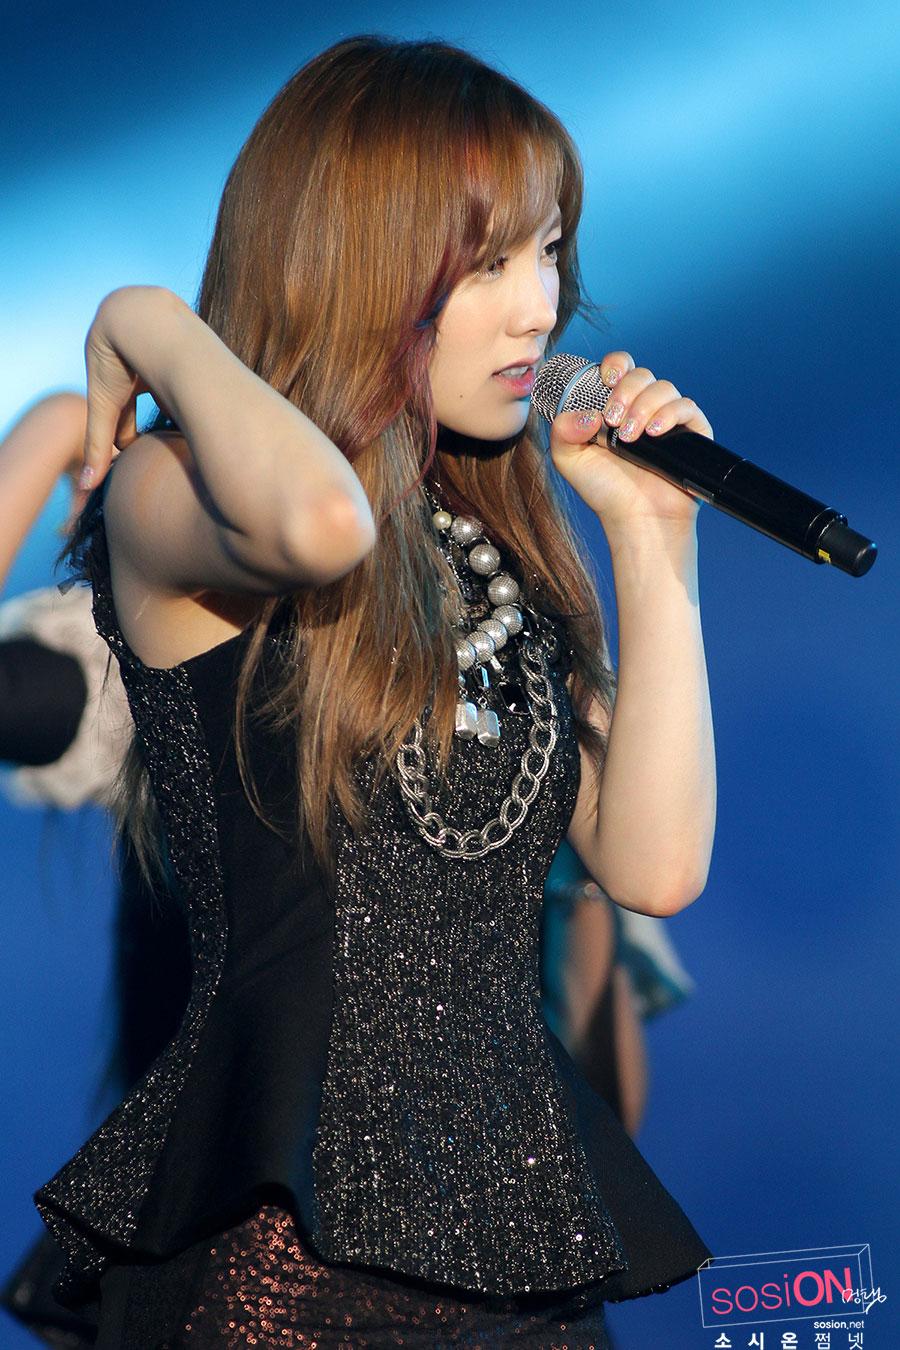 [PICS][20/7/2012] Taeyeon @ Yeosu Expo Concert 201 Taeyeon-yeosu-concert-8